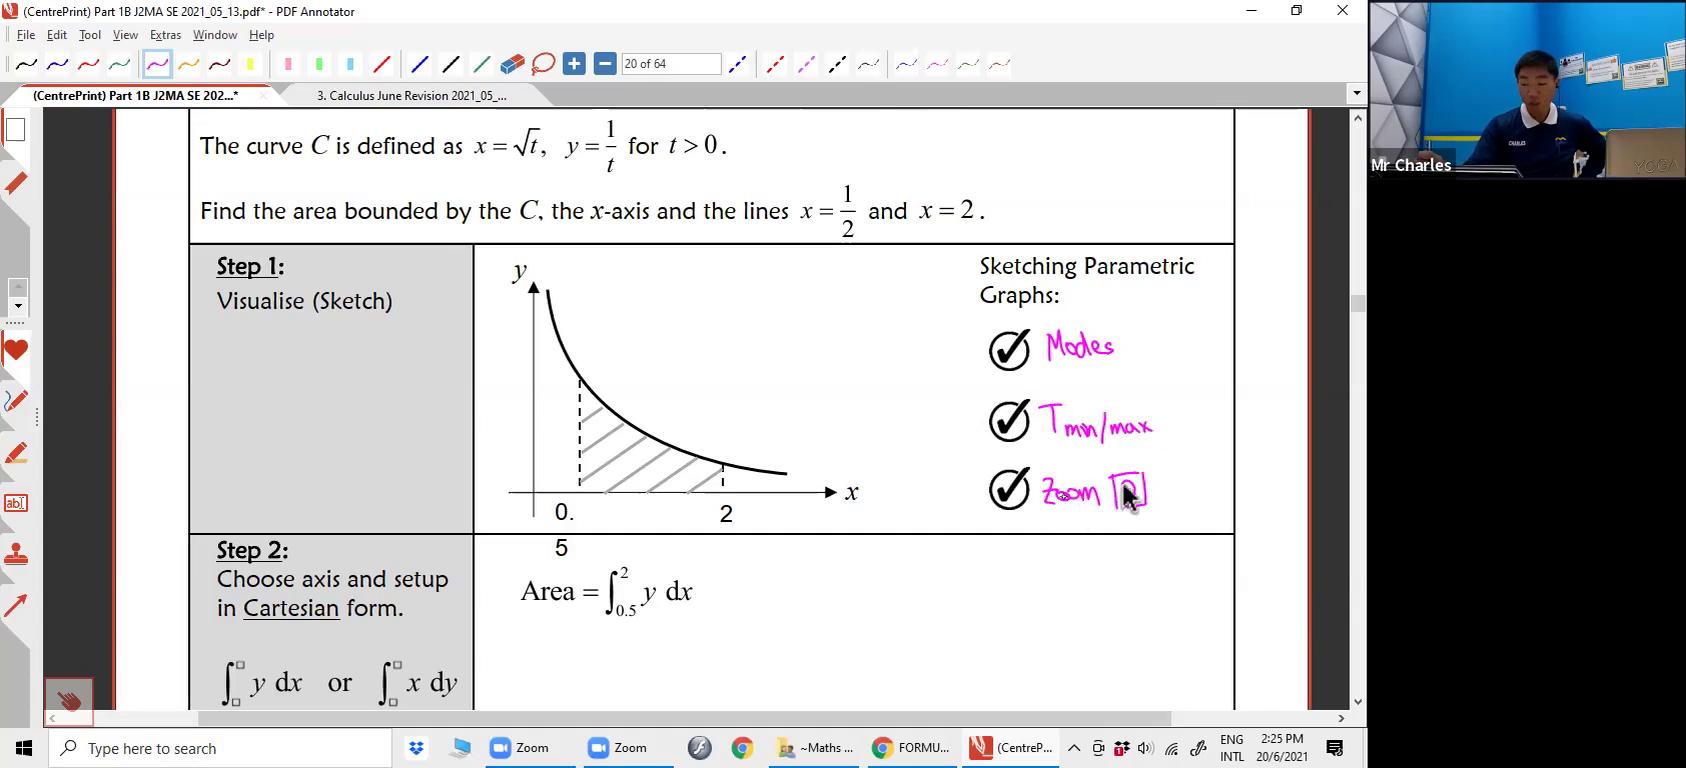 [INTEGRATION] Area under curve